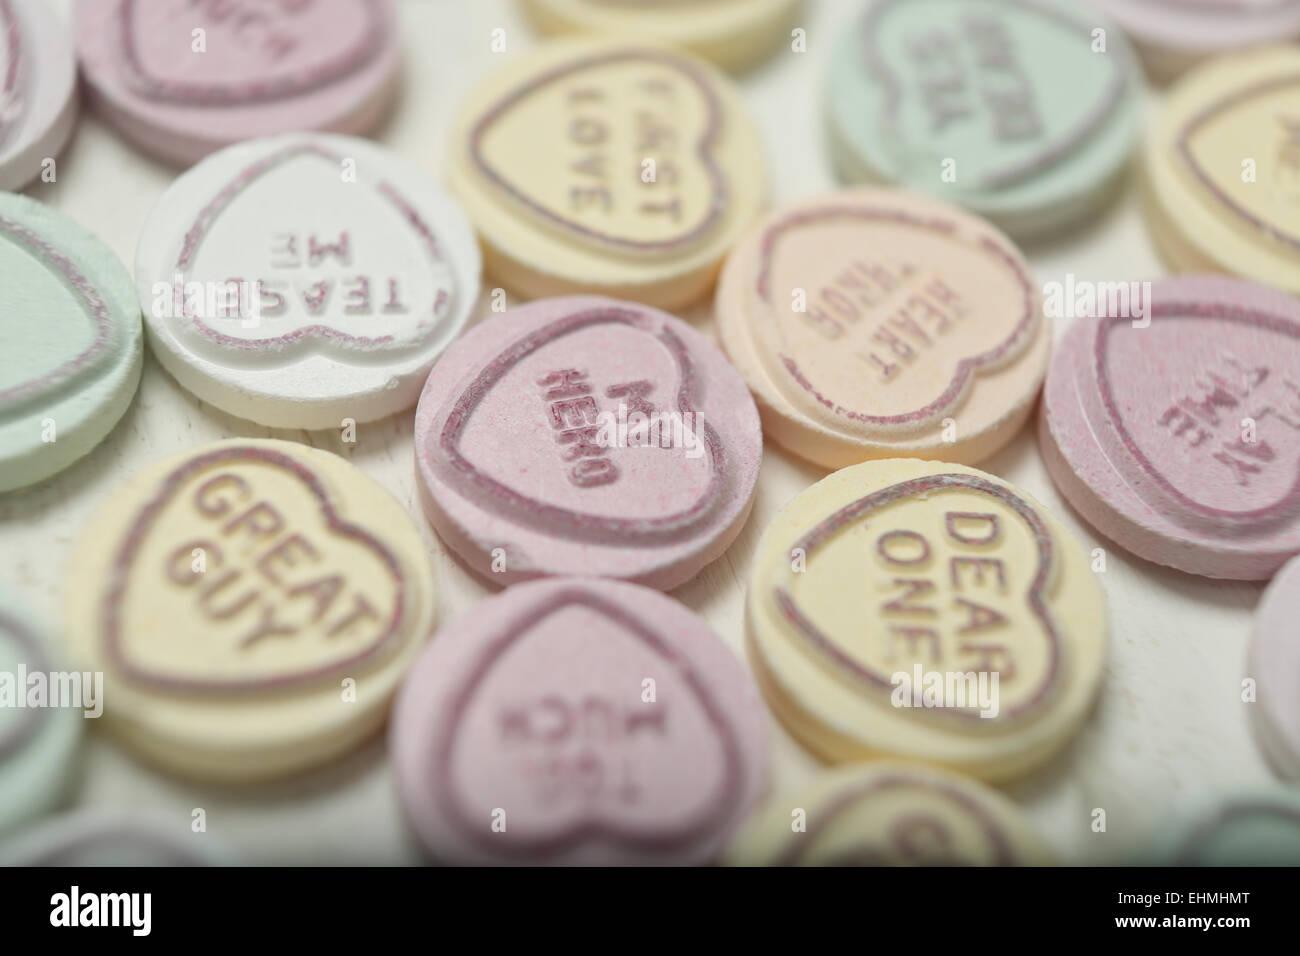 Dia De San Valentin Dulces O Golosinas Fotografiado En Un Estudio